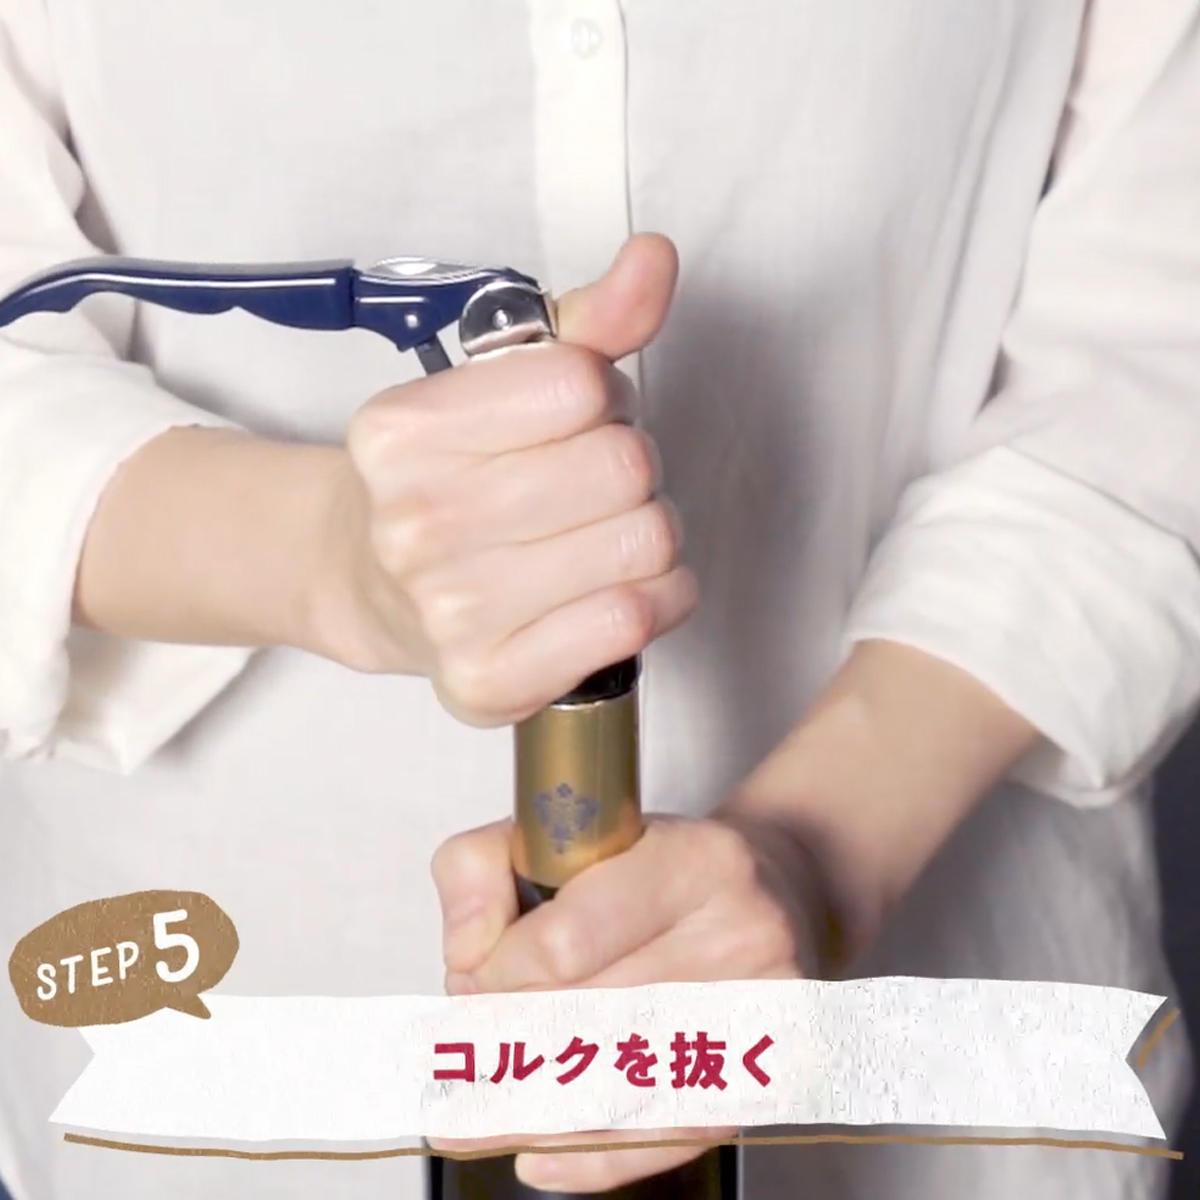 ソムリエナイフを使ったワインの開け方_STEP5